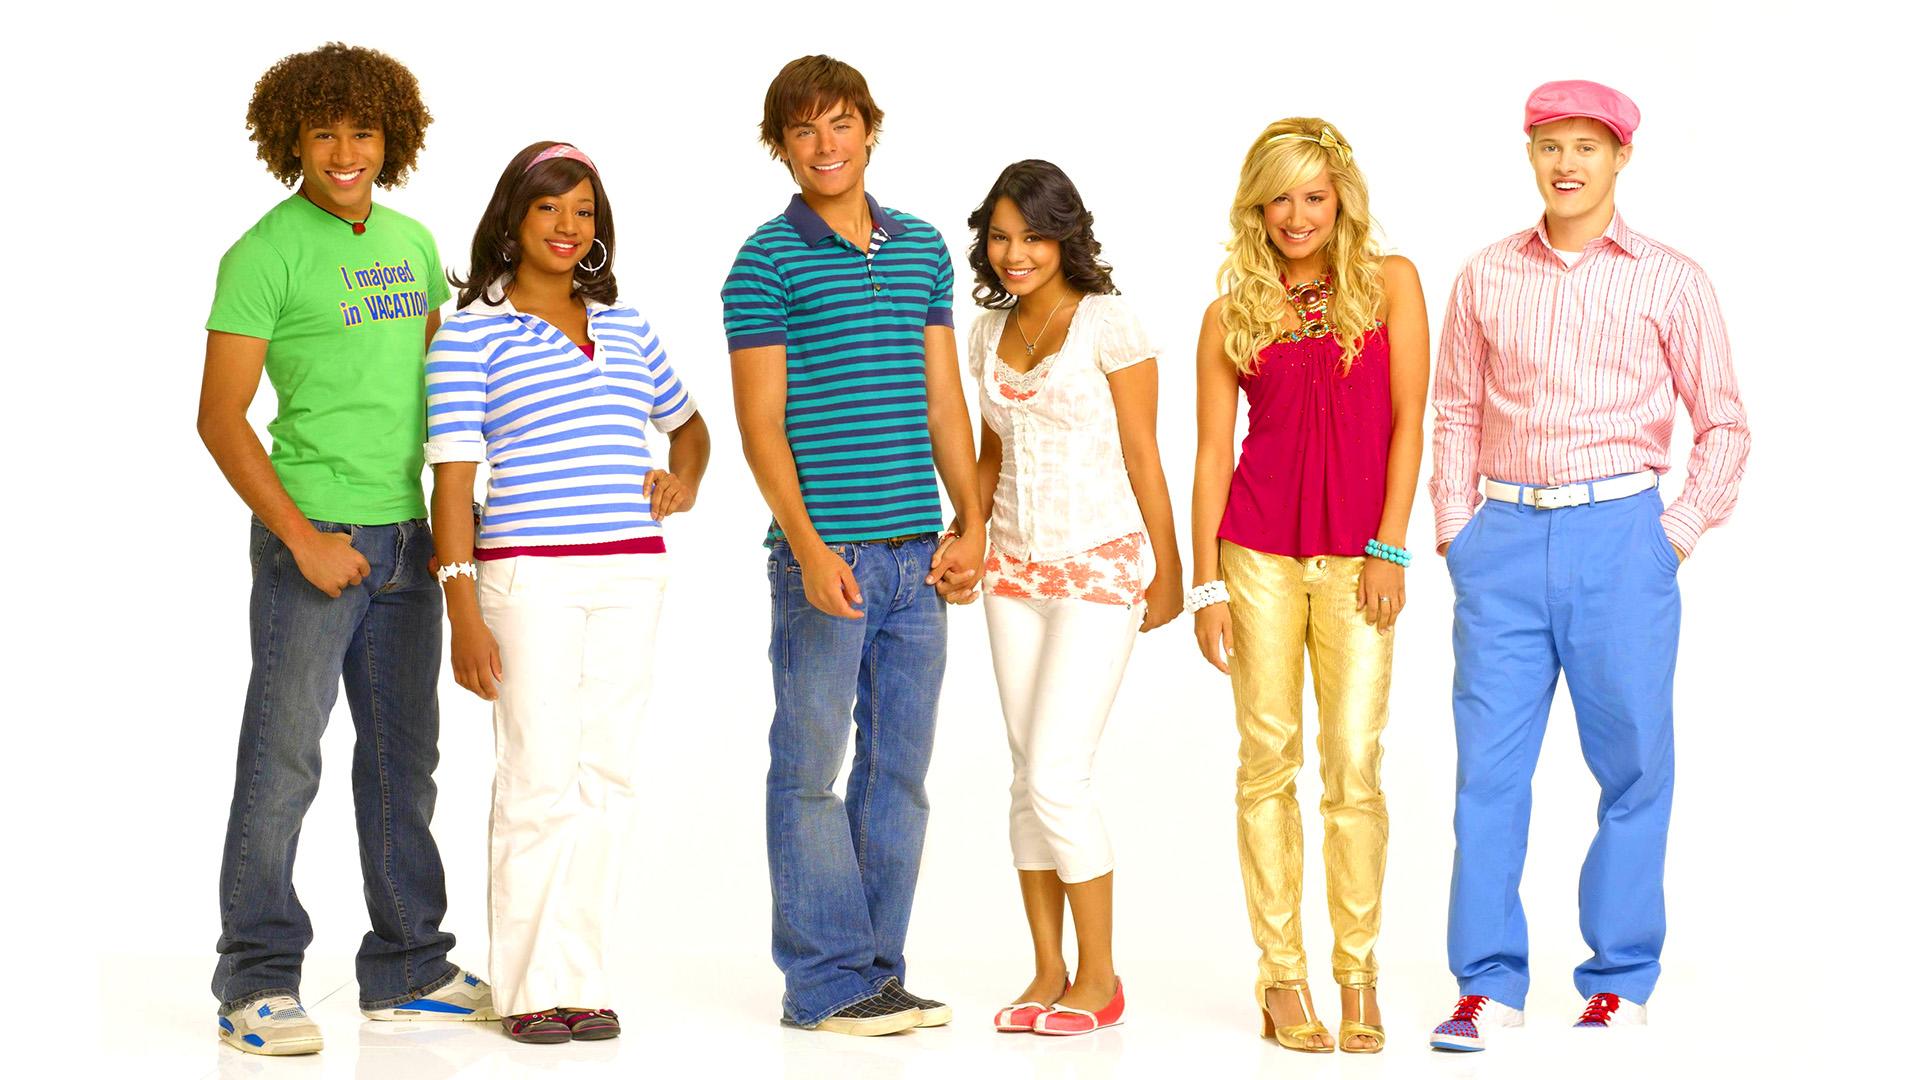 High School Musical 2 Hd Wallpaper